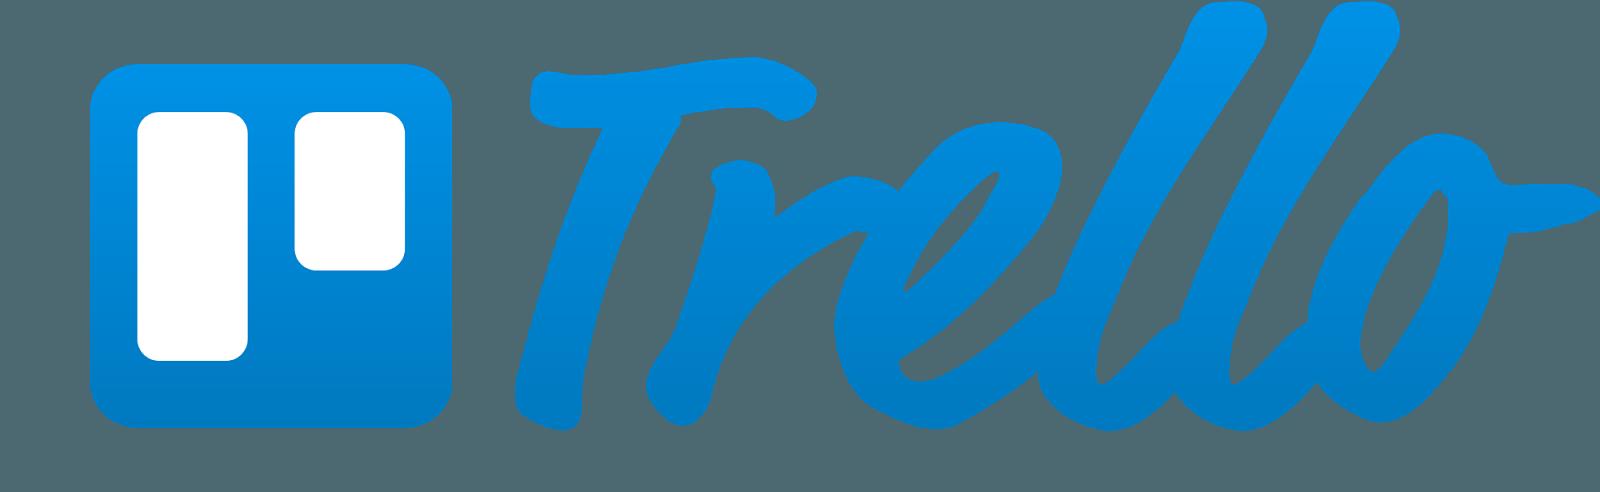 Best Agile Software -- Trello